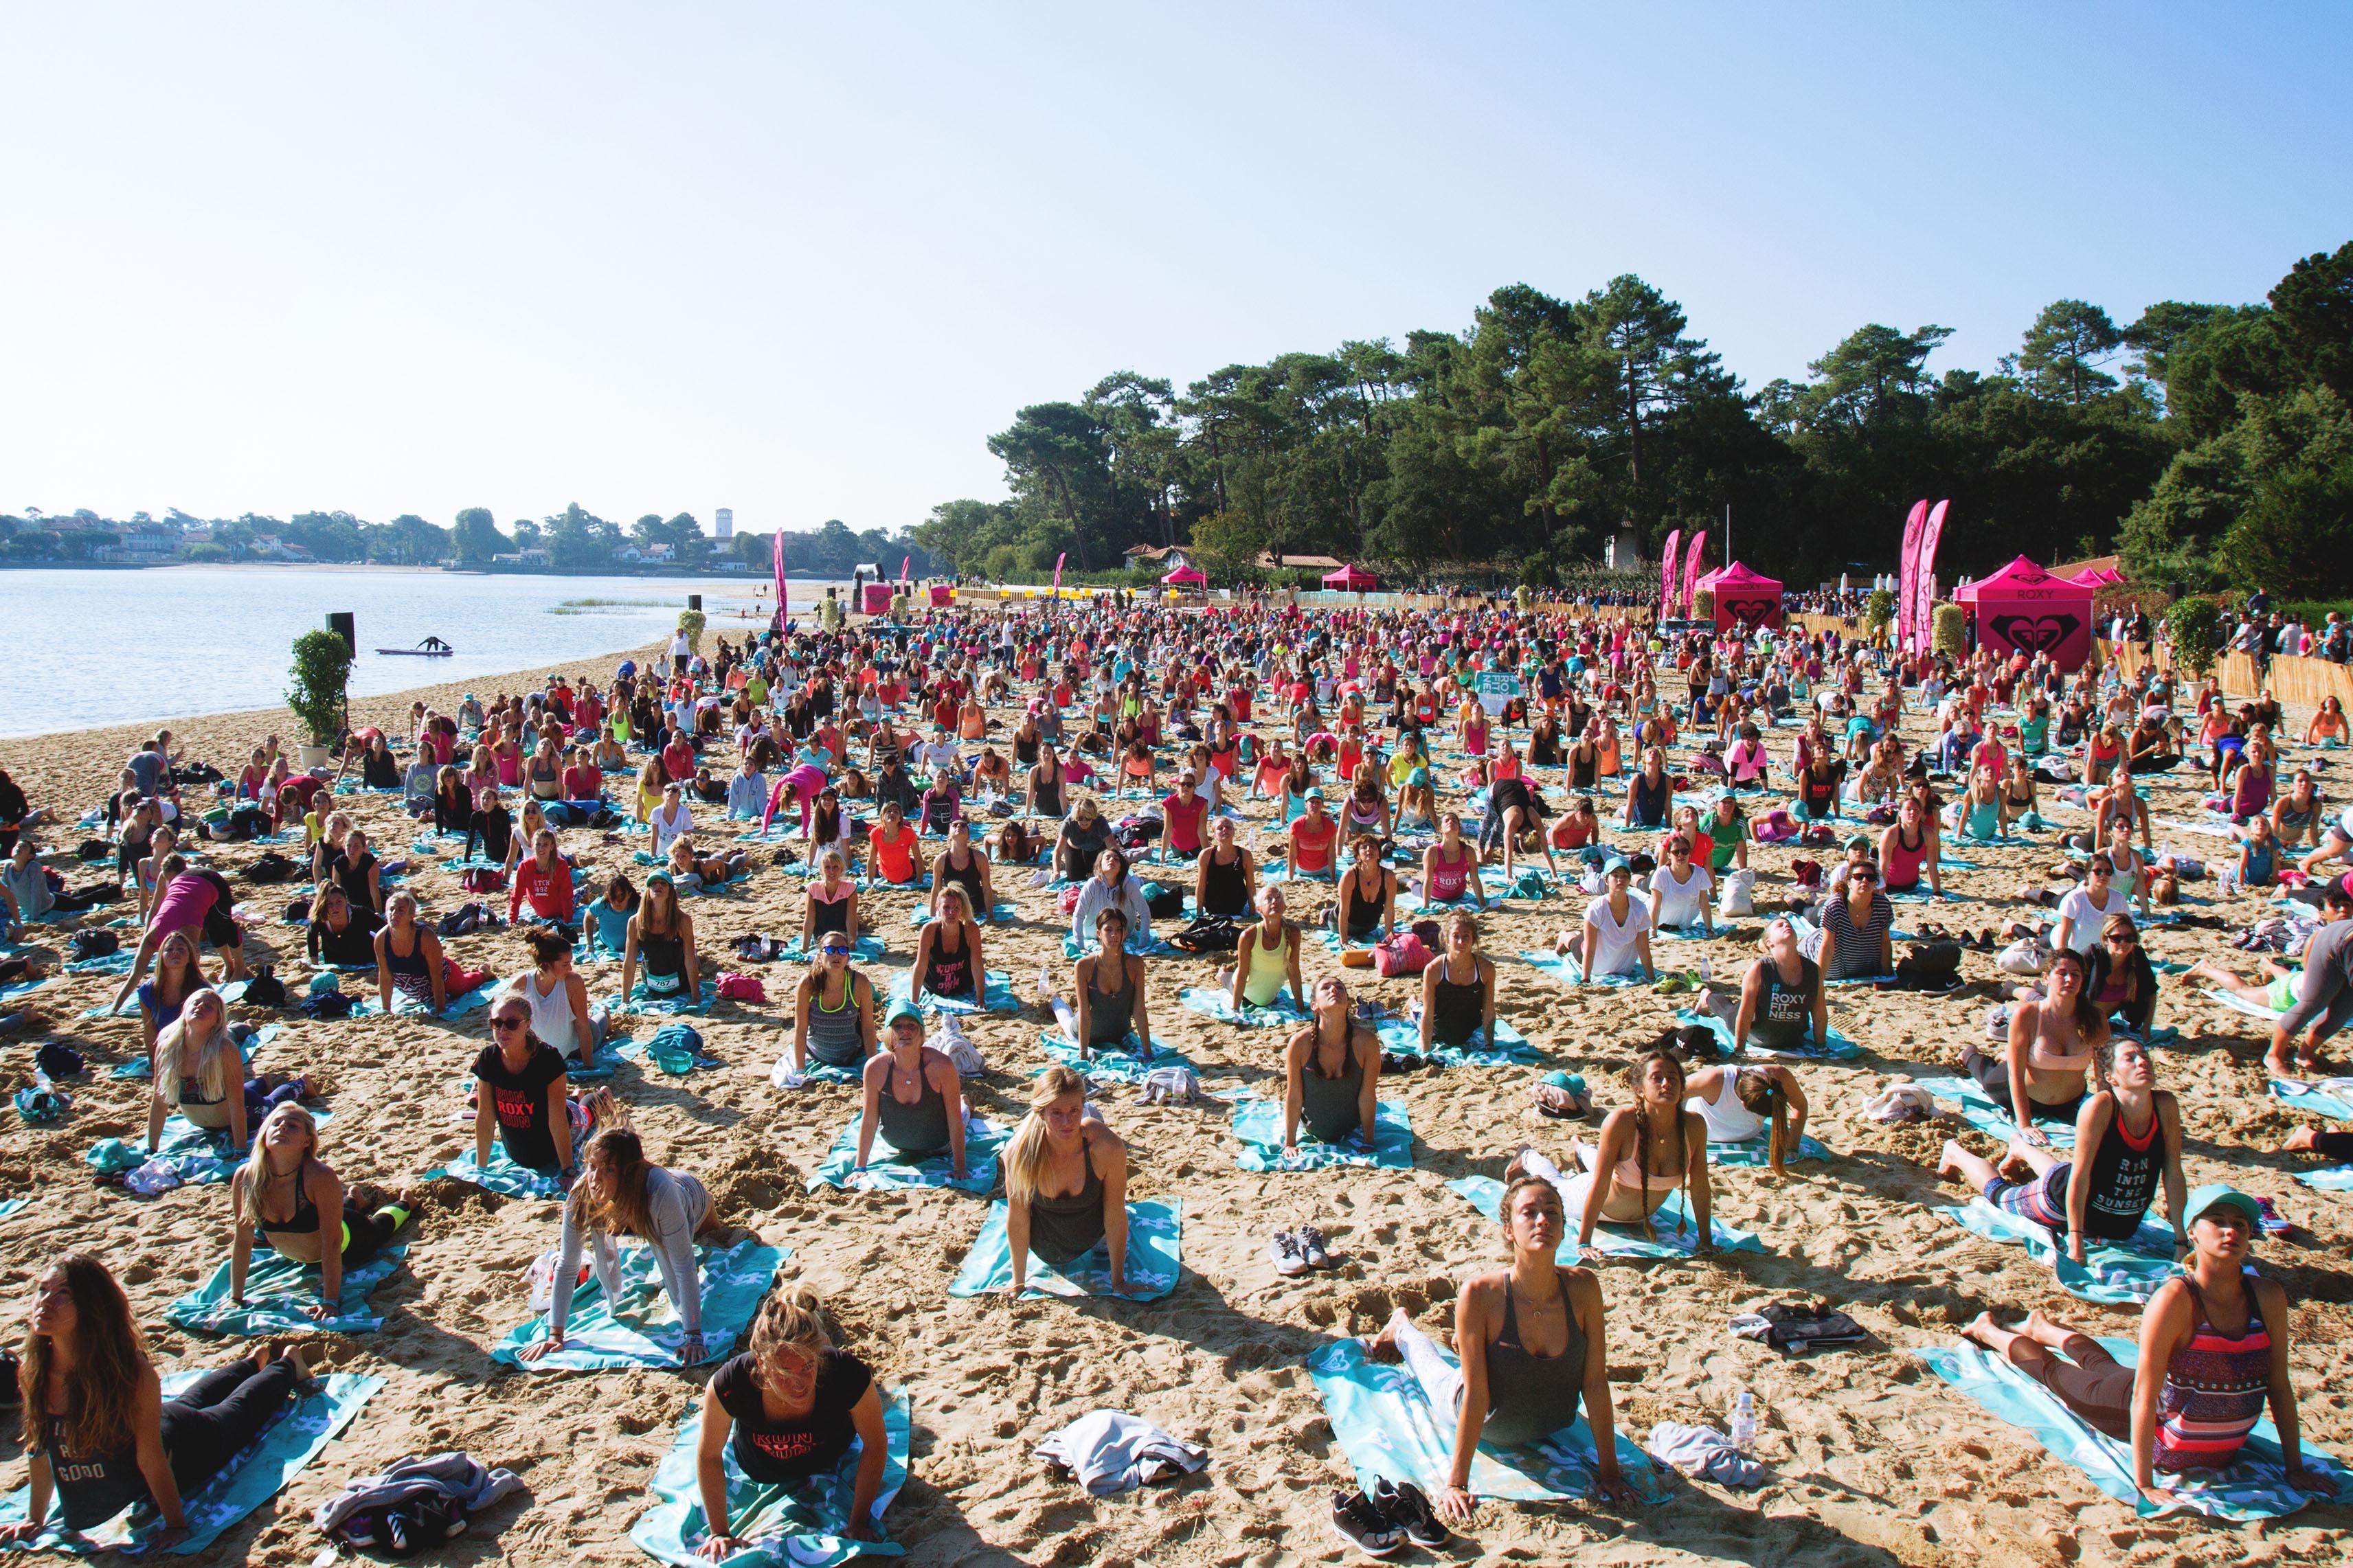 #RoxyFitness au lac d'Hossegor en octobre dans les Landes avec le cours de yoga